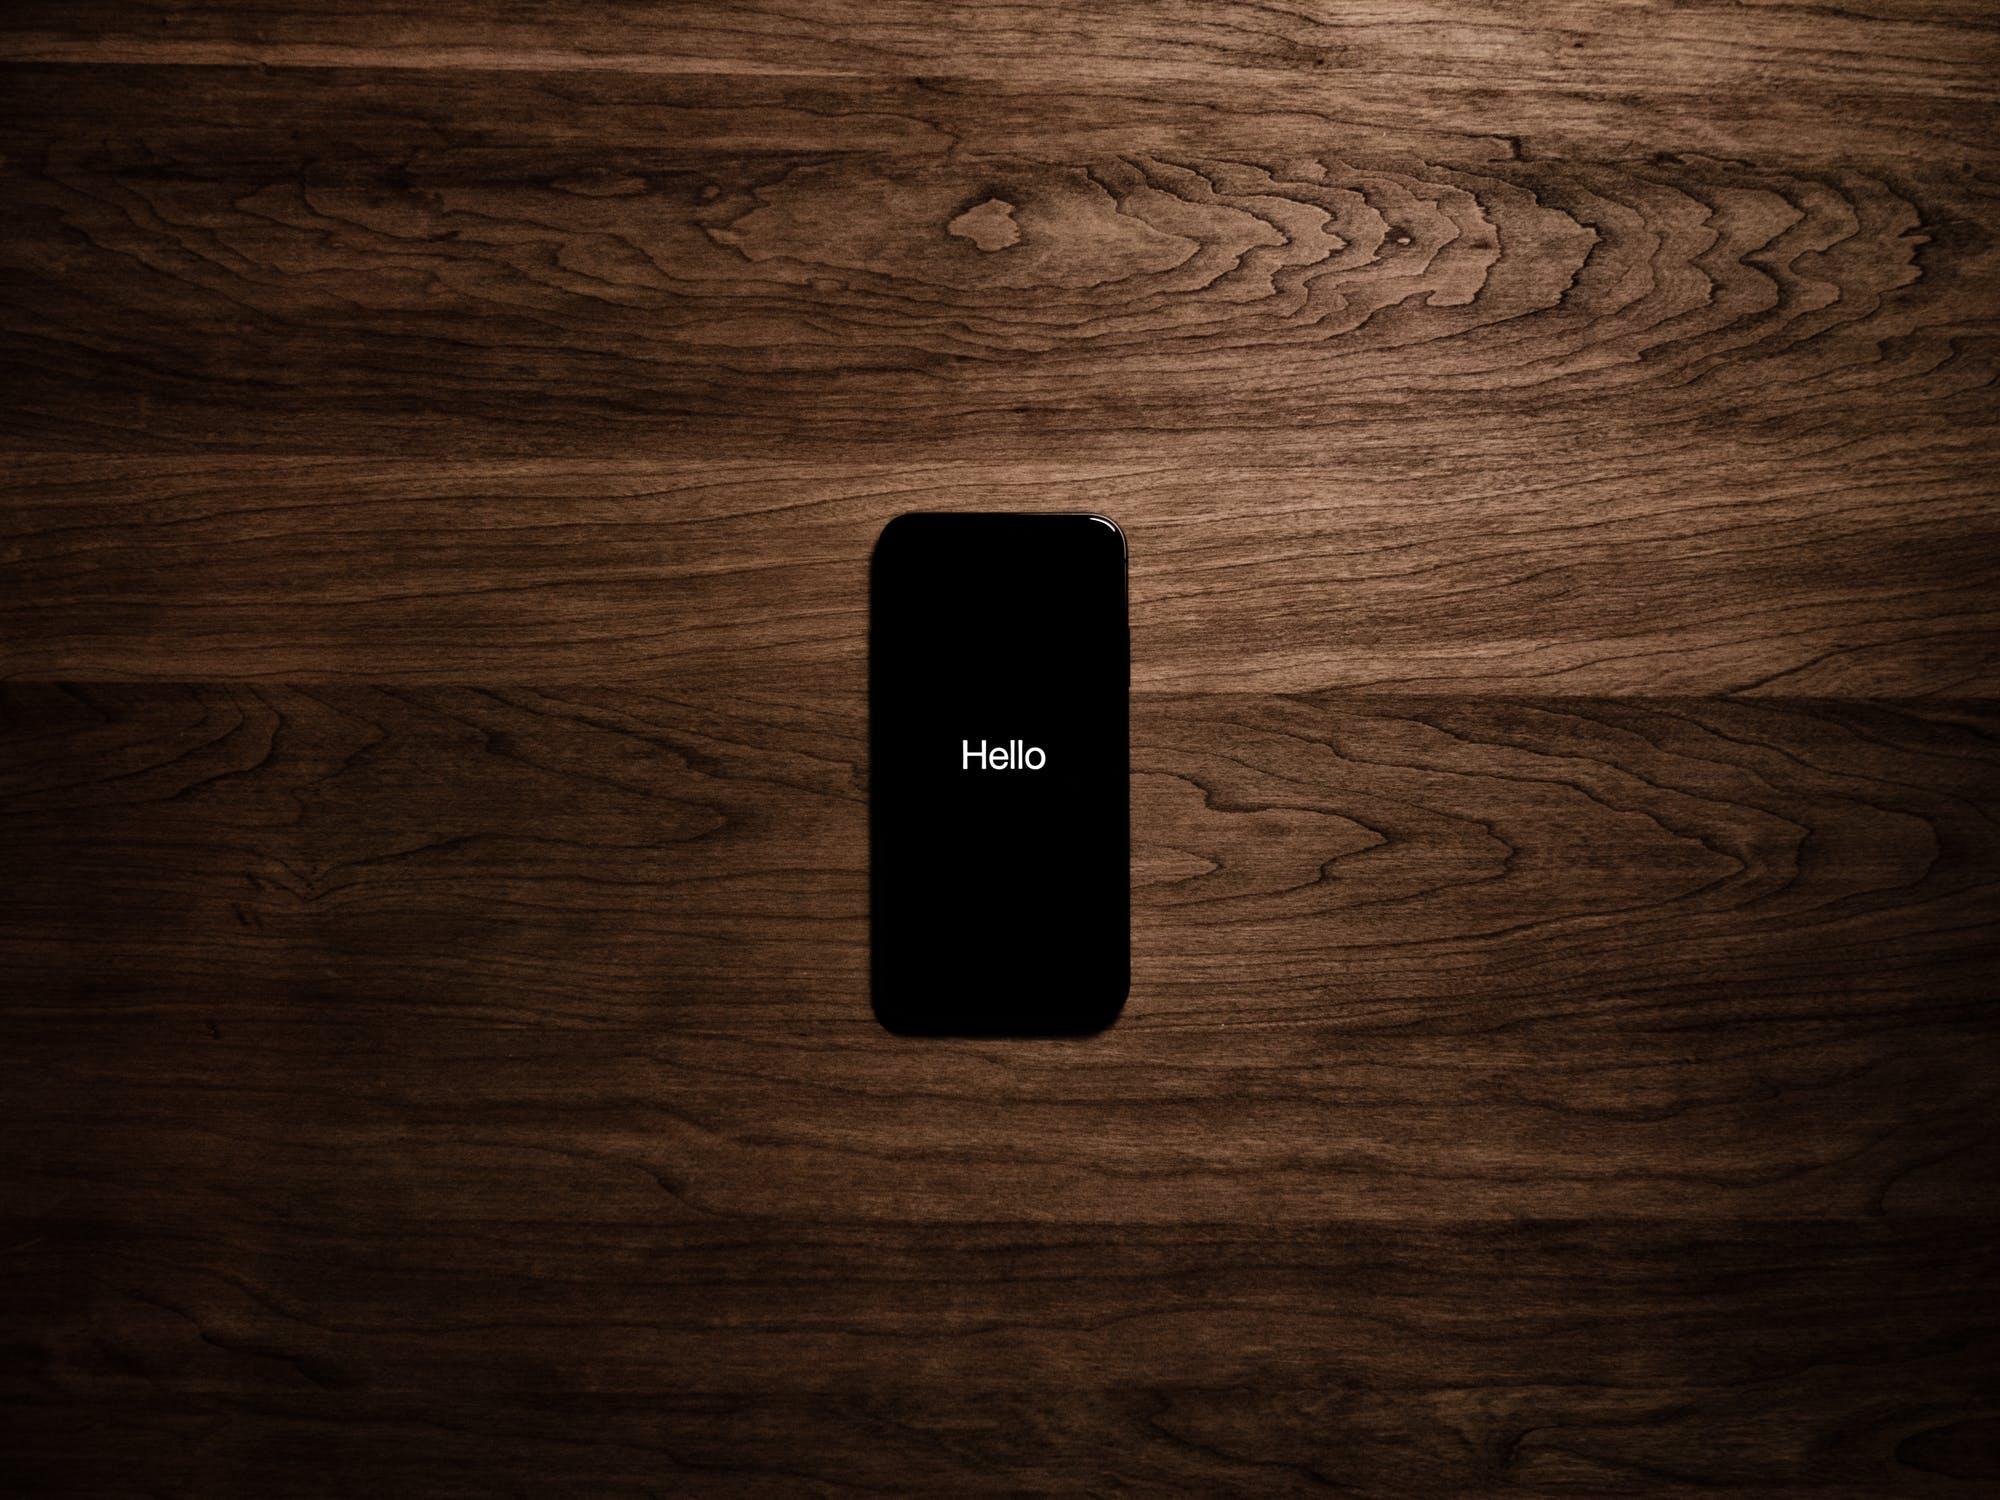 韩媒:中国手机制造商提升专利竞争力